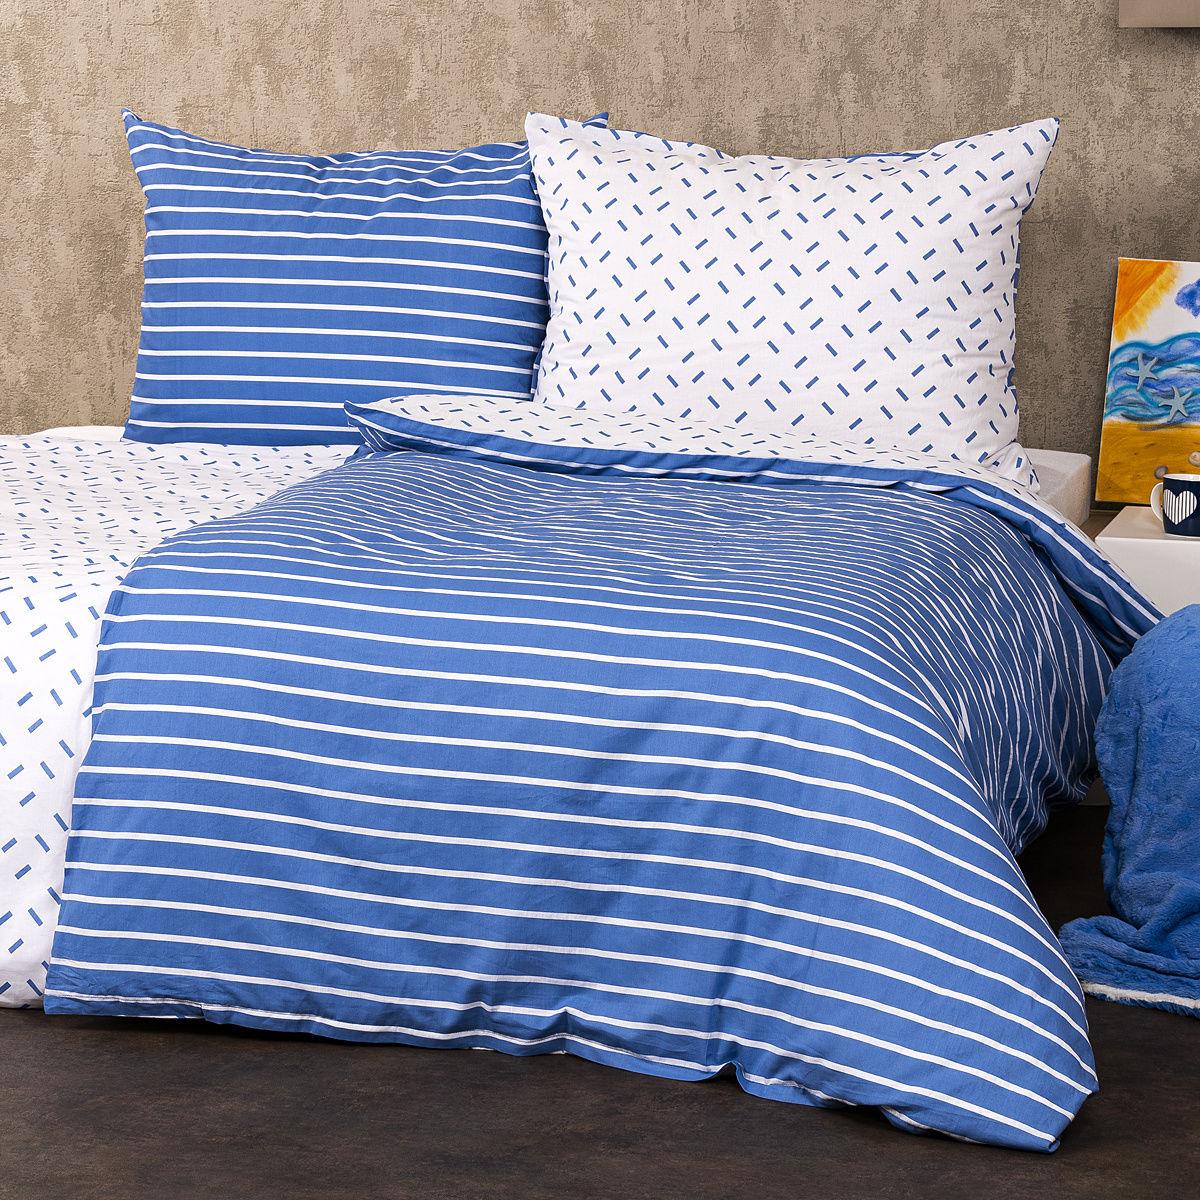 4Home Pościel bawełniana Paski niebieski, 160 x 200 cm, 70 x 80 cm